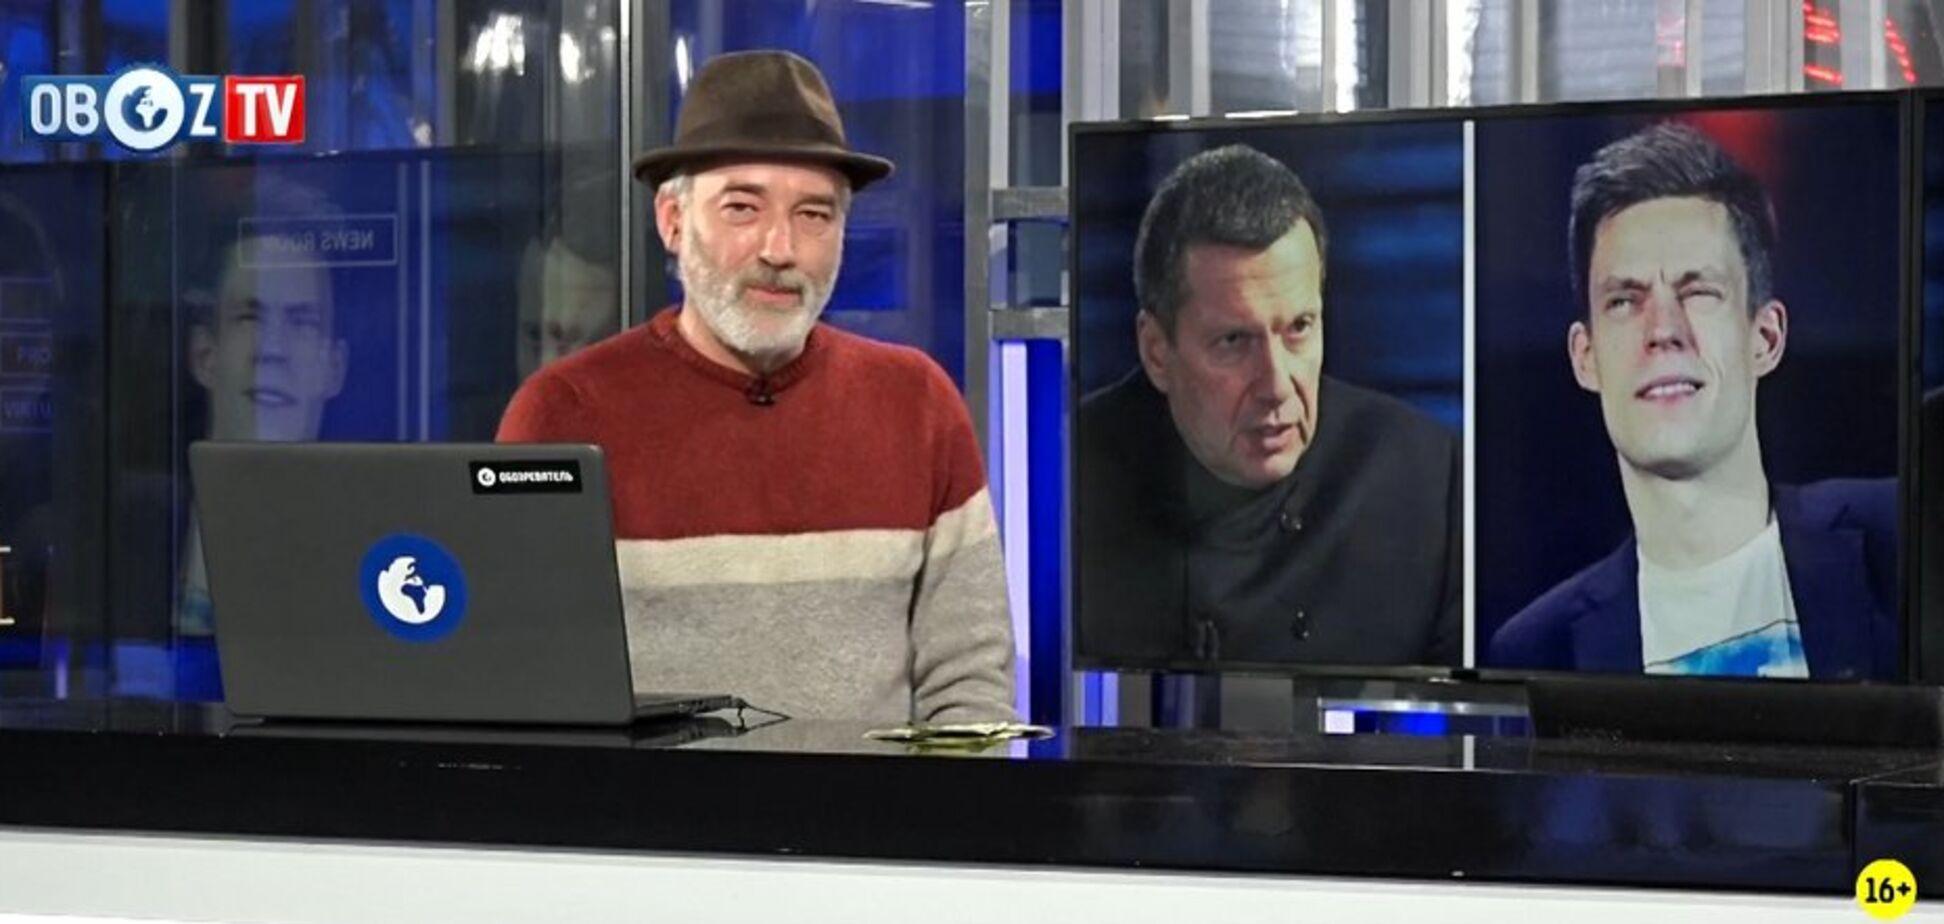 ПОРЄБРІК: Соловйов публічно обізвав Дудя 'тупим'